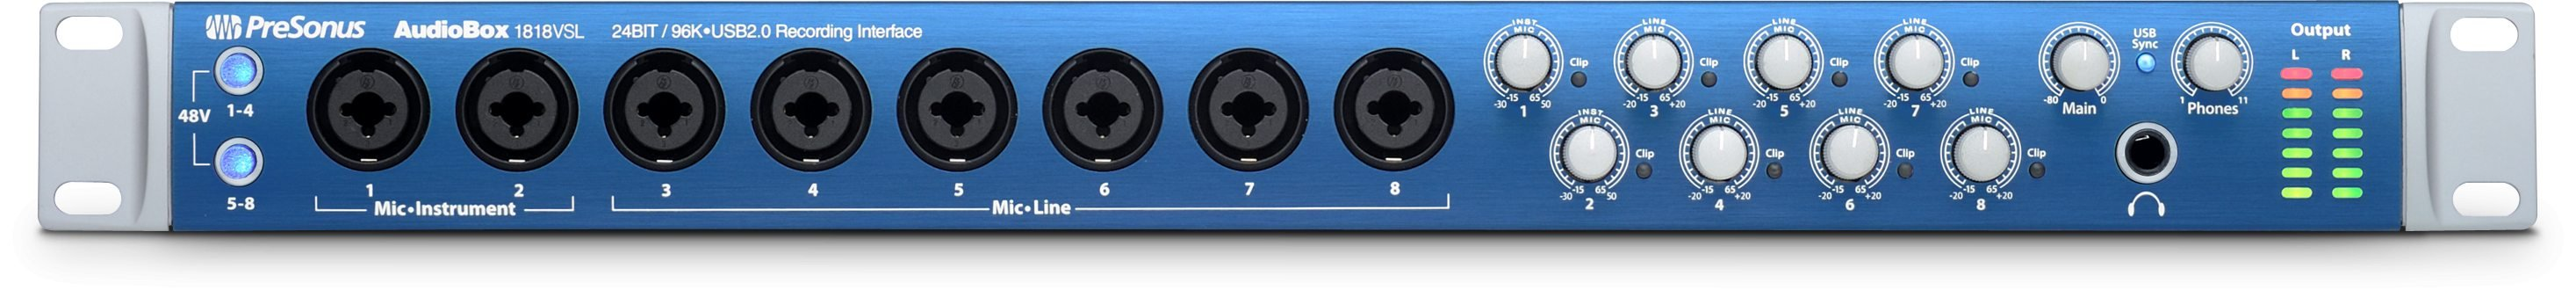 18 x 18 USB 2.0 Recording System